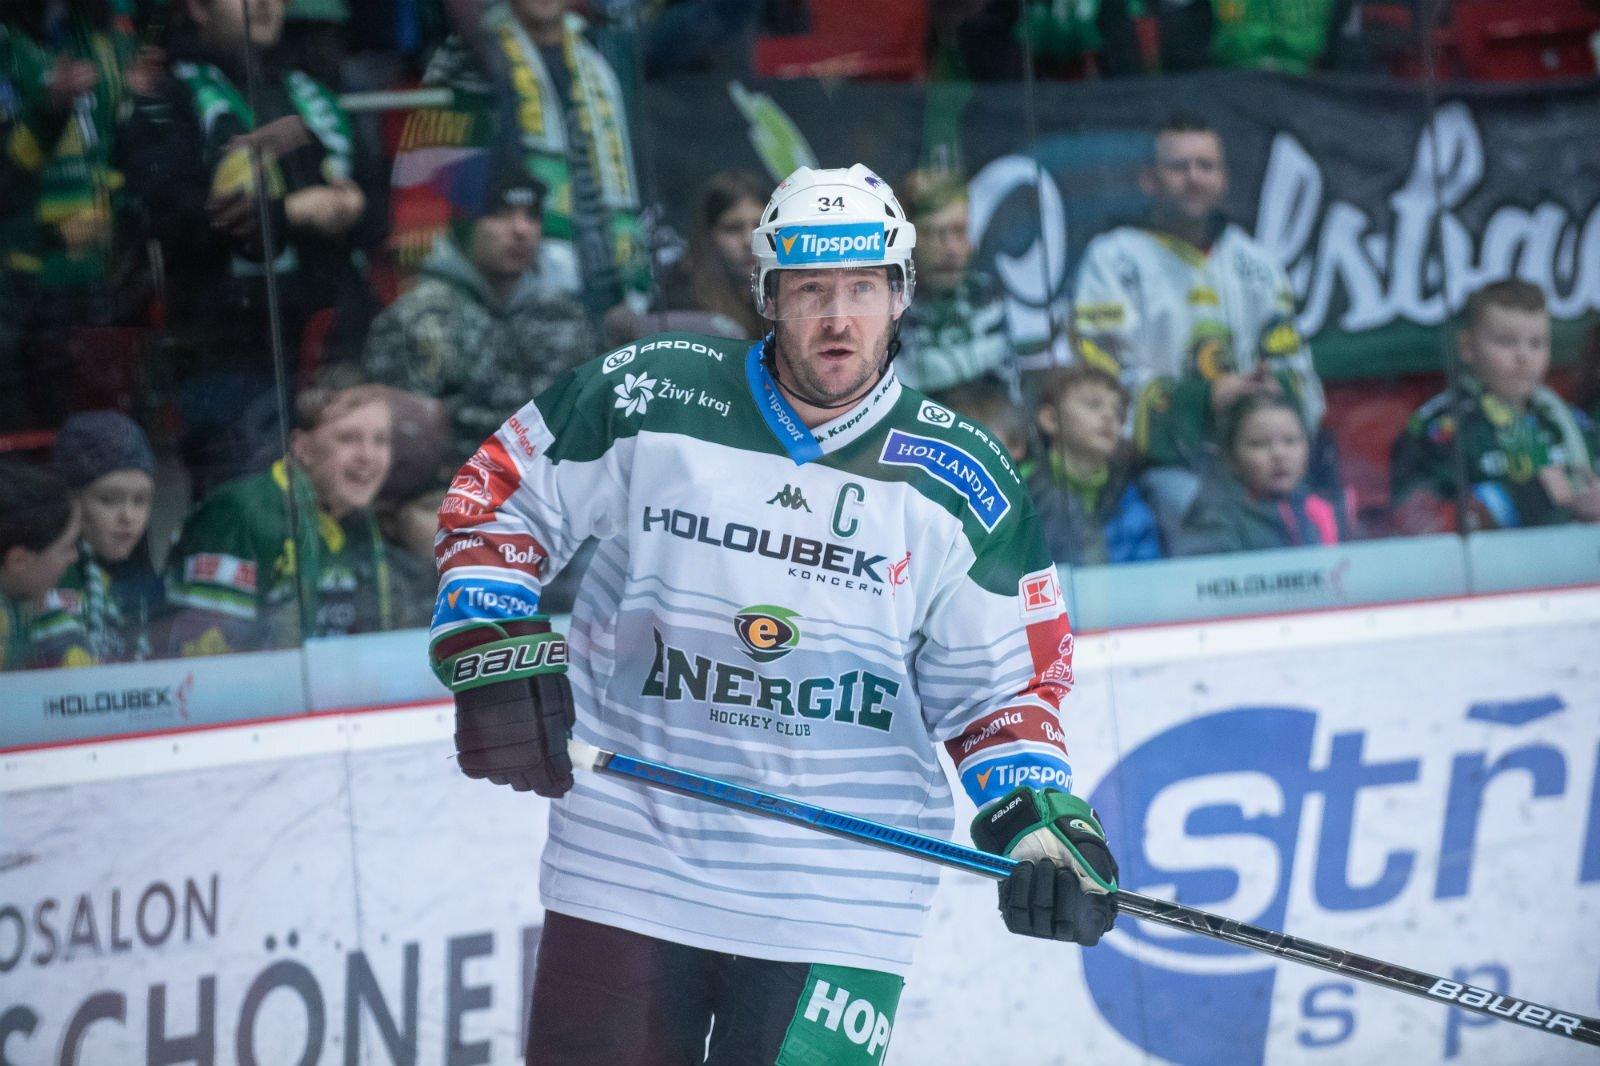 Po 1001 zápasech konec! Skuhravý dává hokeji sbohem!